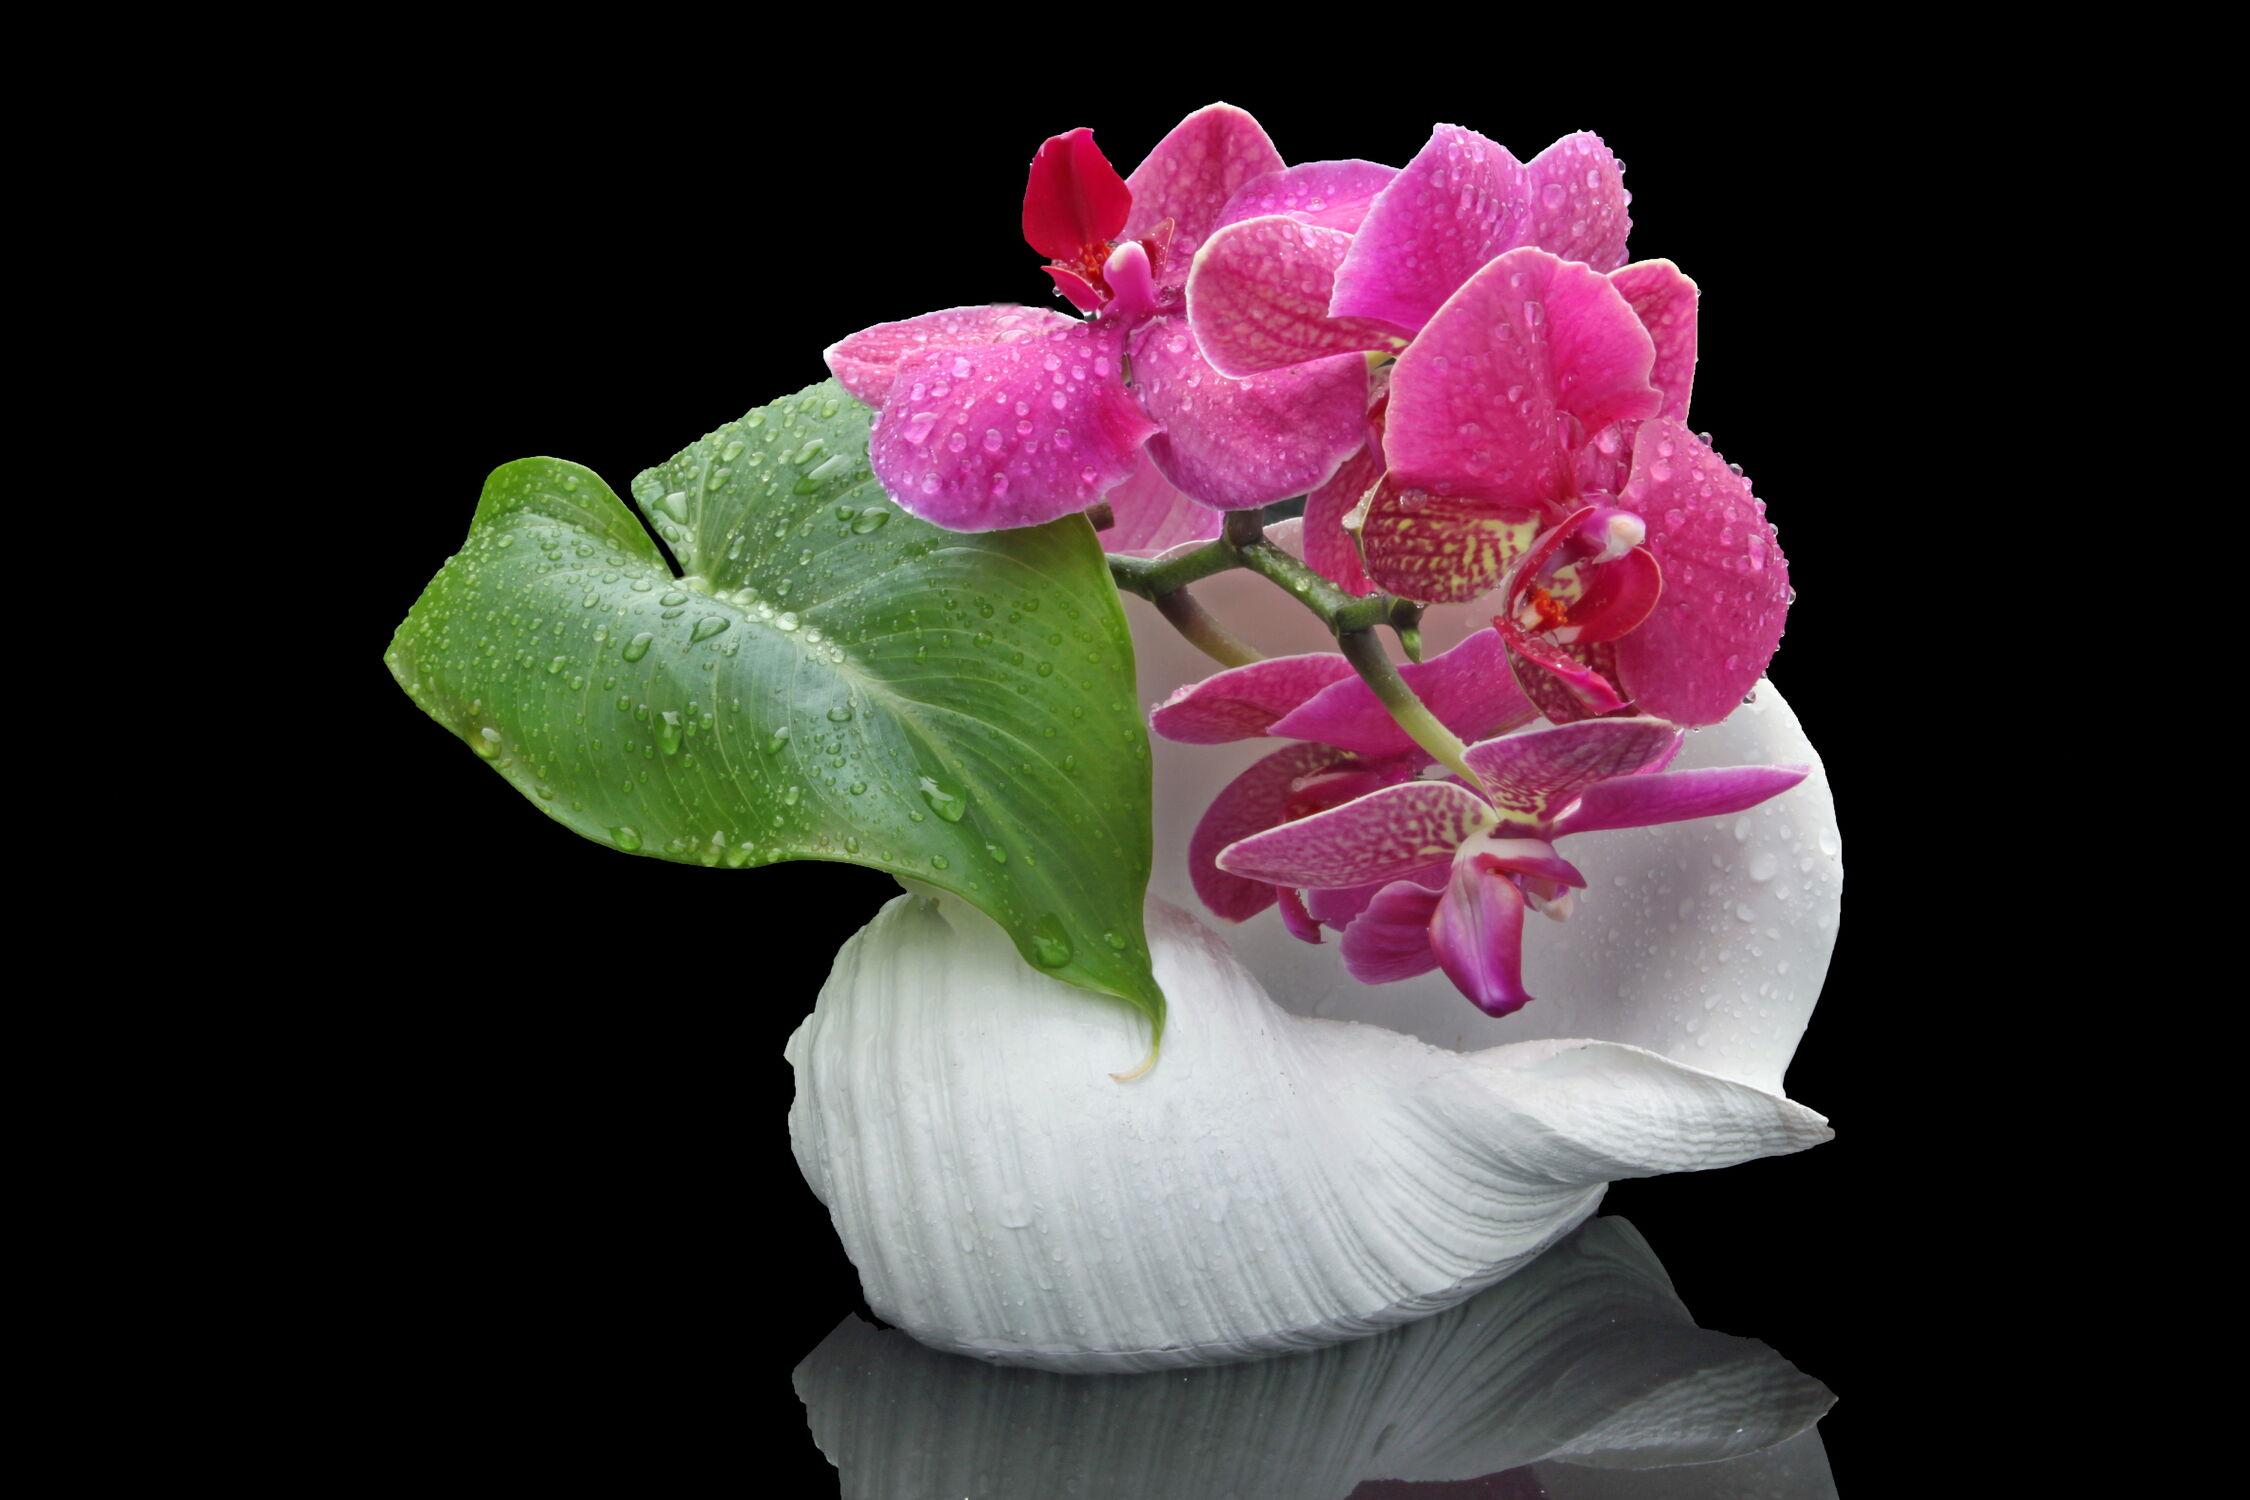 Bild mit Orchideen, Blume, Orchidee, Pflanze, Muschel, Wassertropfen, Floral, Stilleben, Florales, blüte